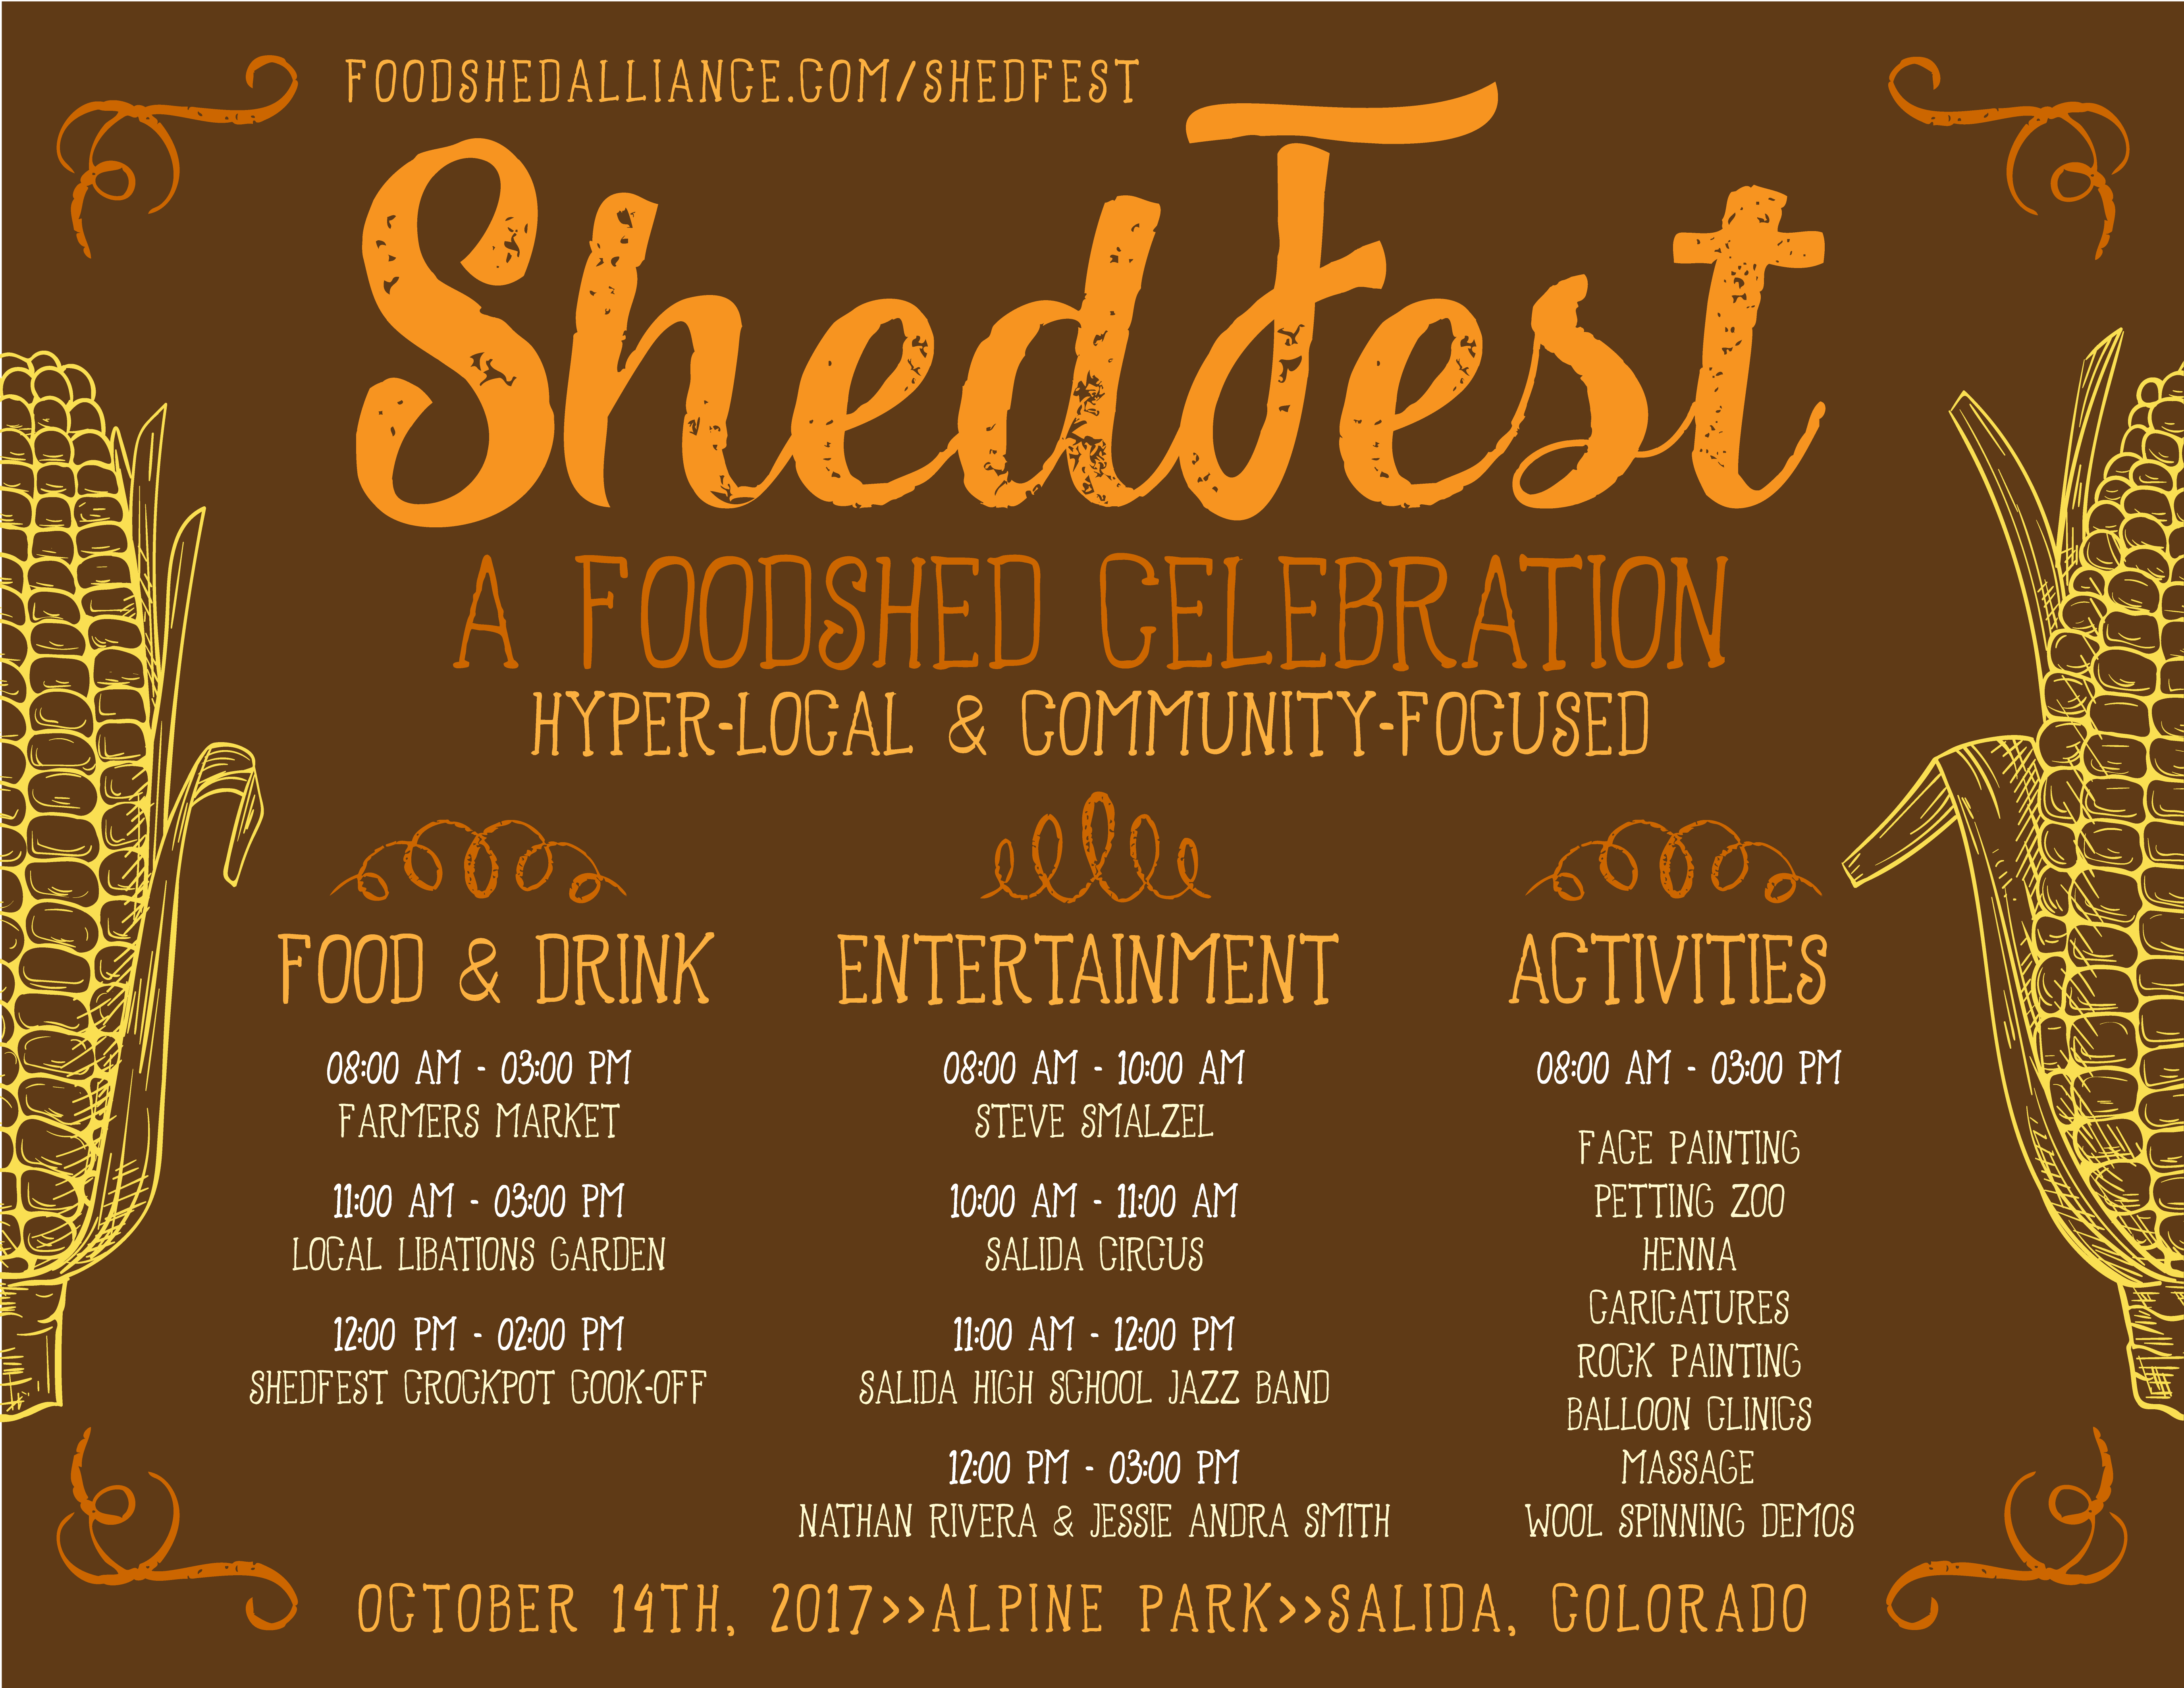 ShedFest 2017 – October 14